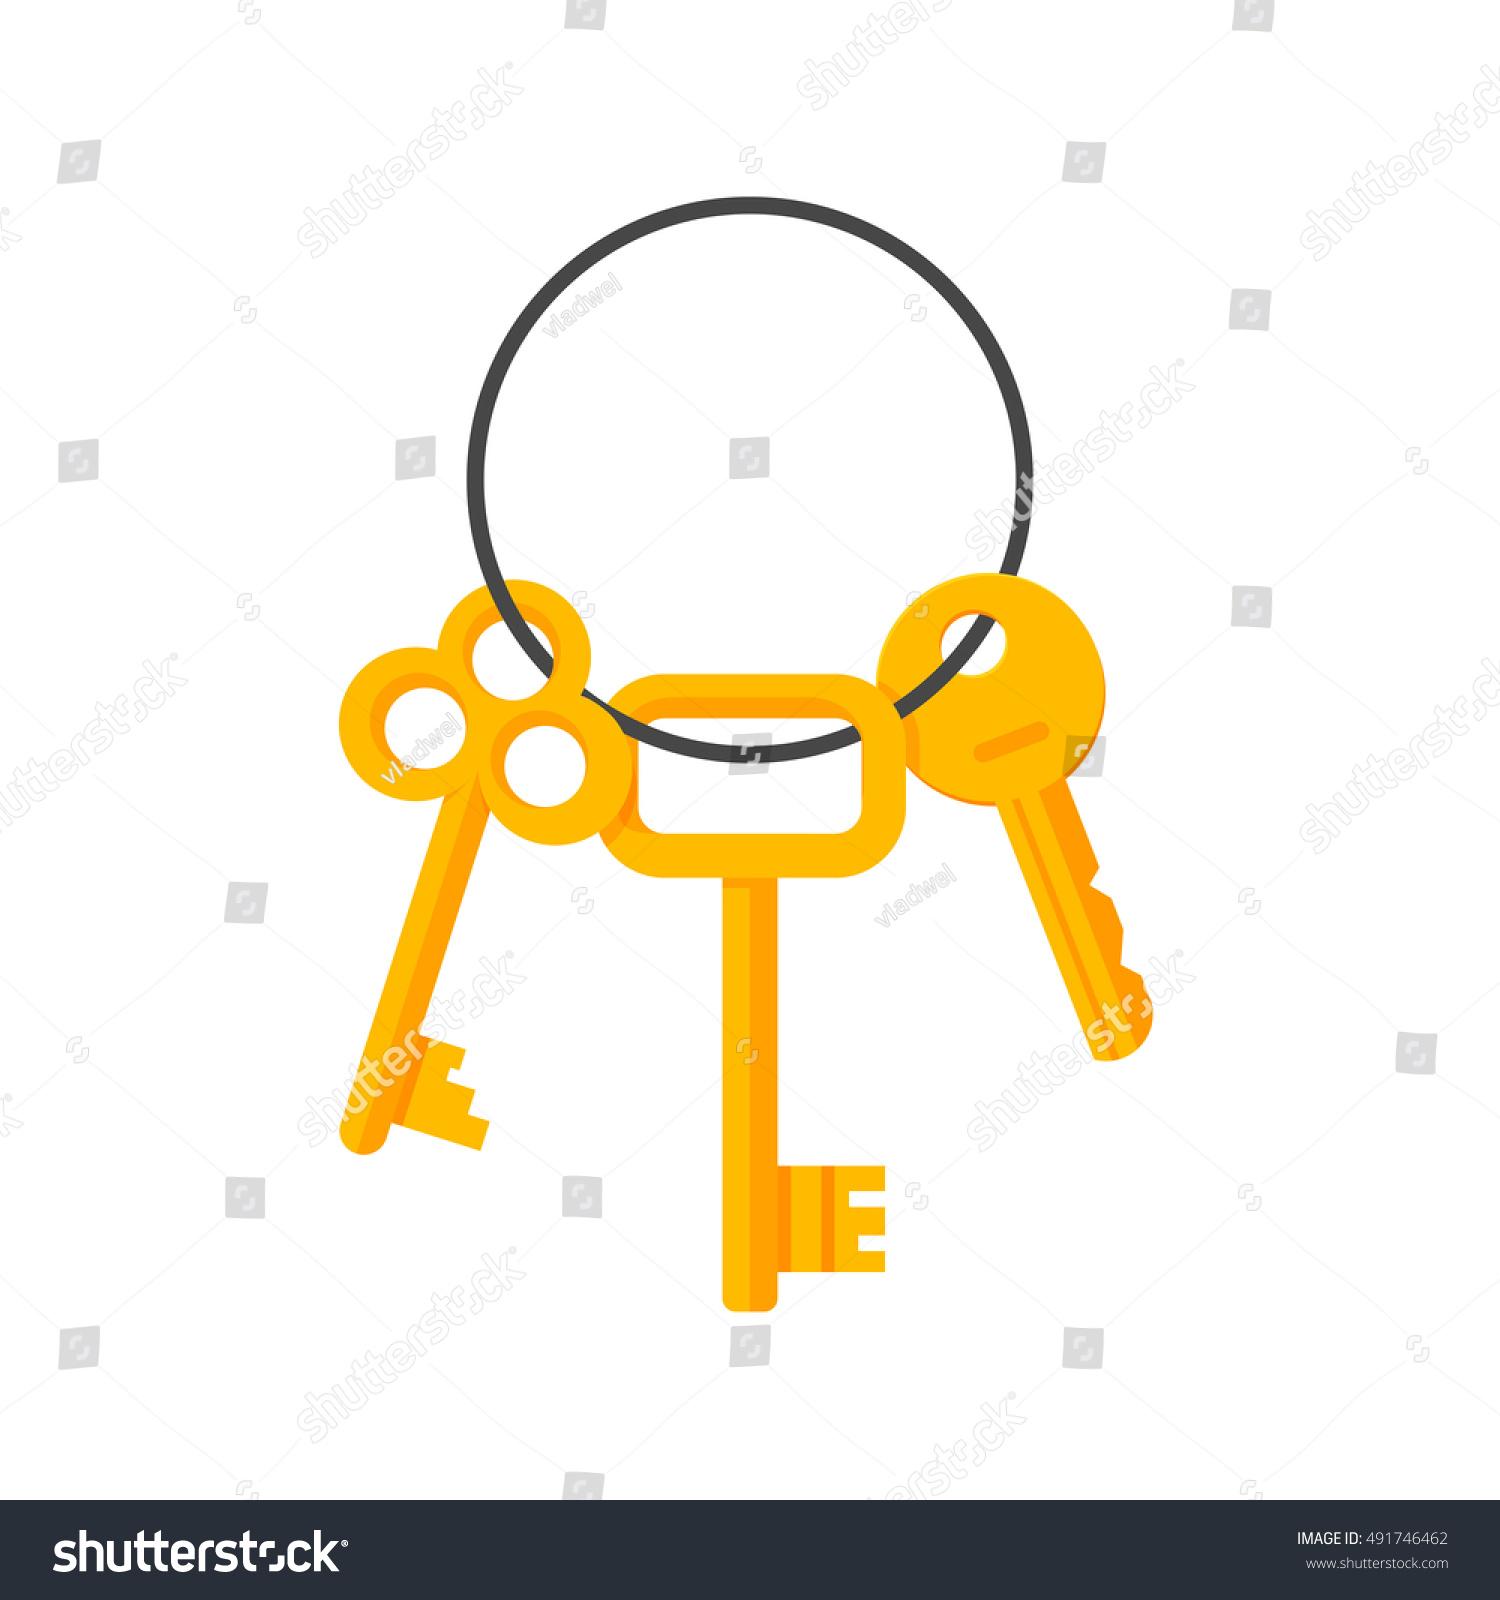 Vector Key Illustration: Keys Hanging On Key Ring Vector Stock Vector 491746462